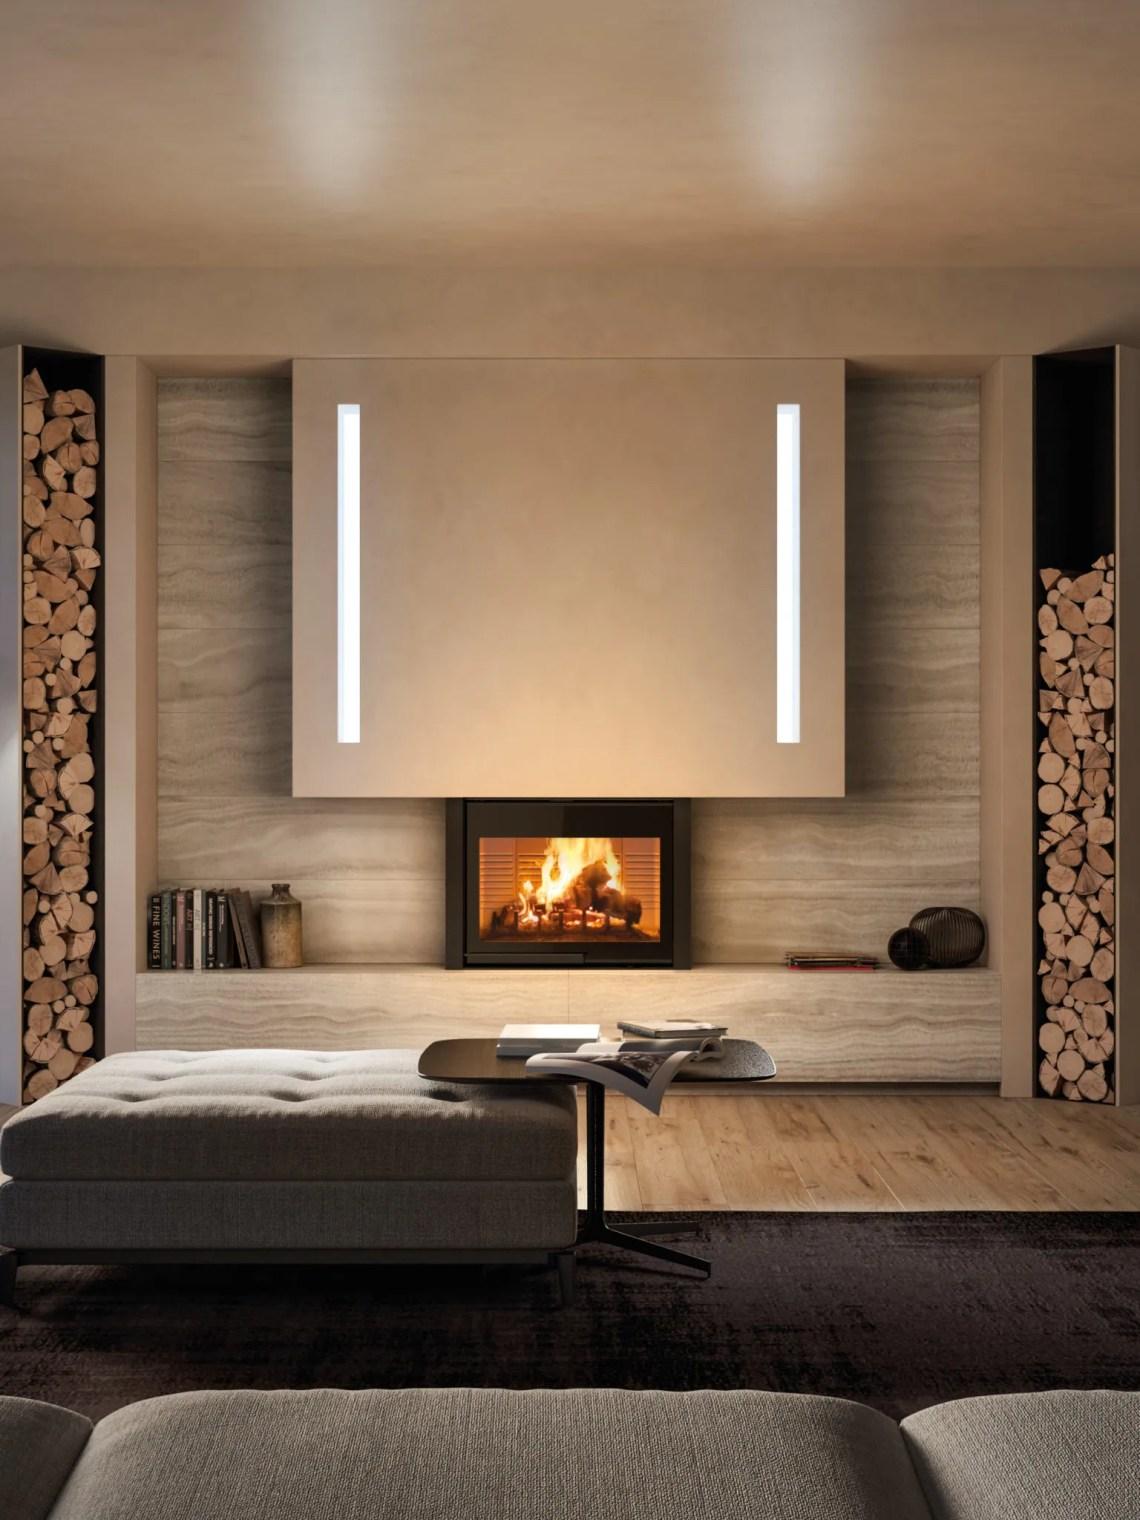 Tendenze Interior Design 2019 5 tendenze interior design da tenere a mente per il 2019